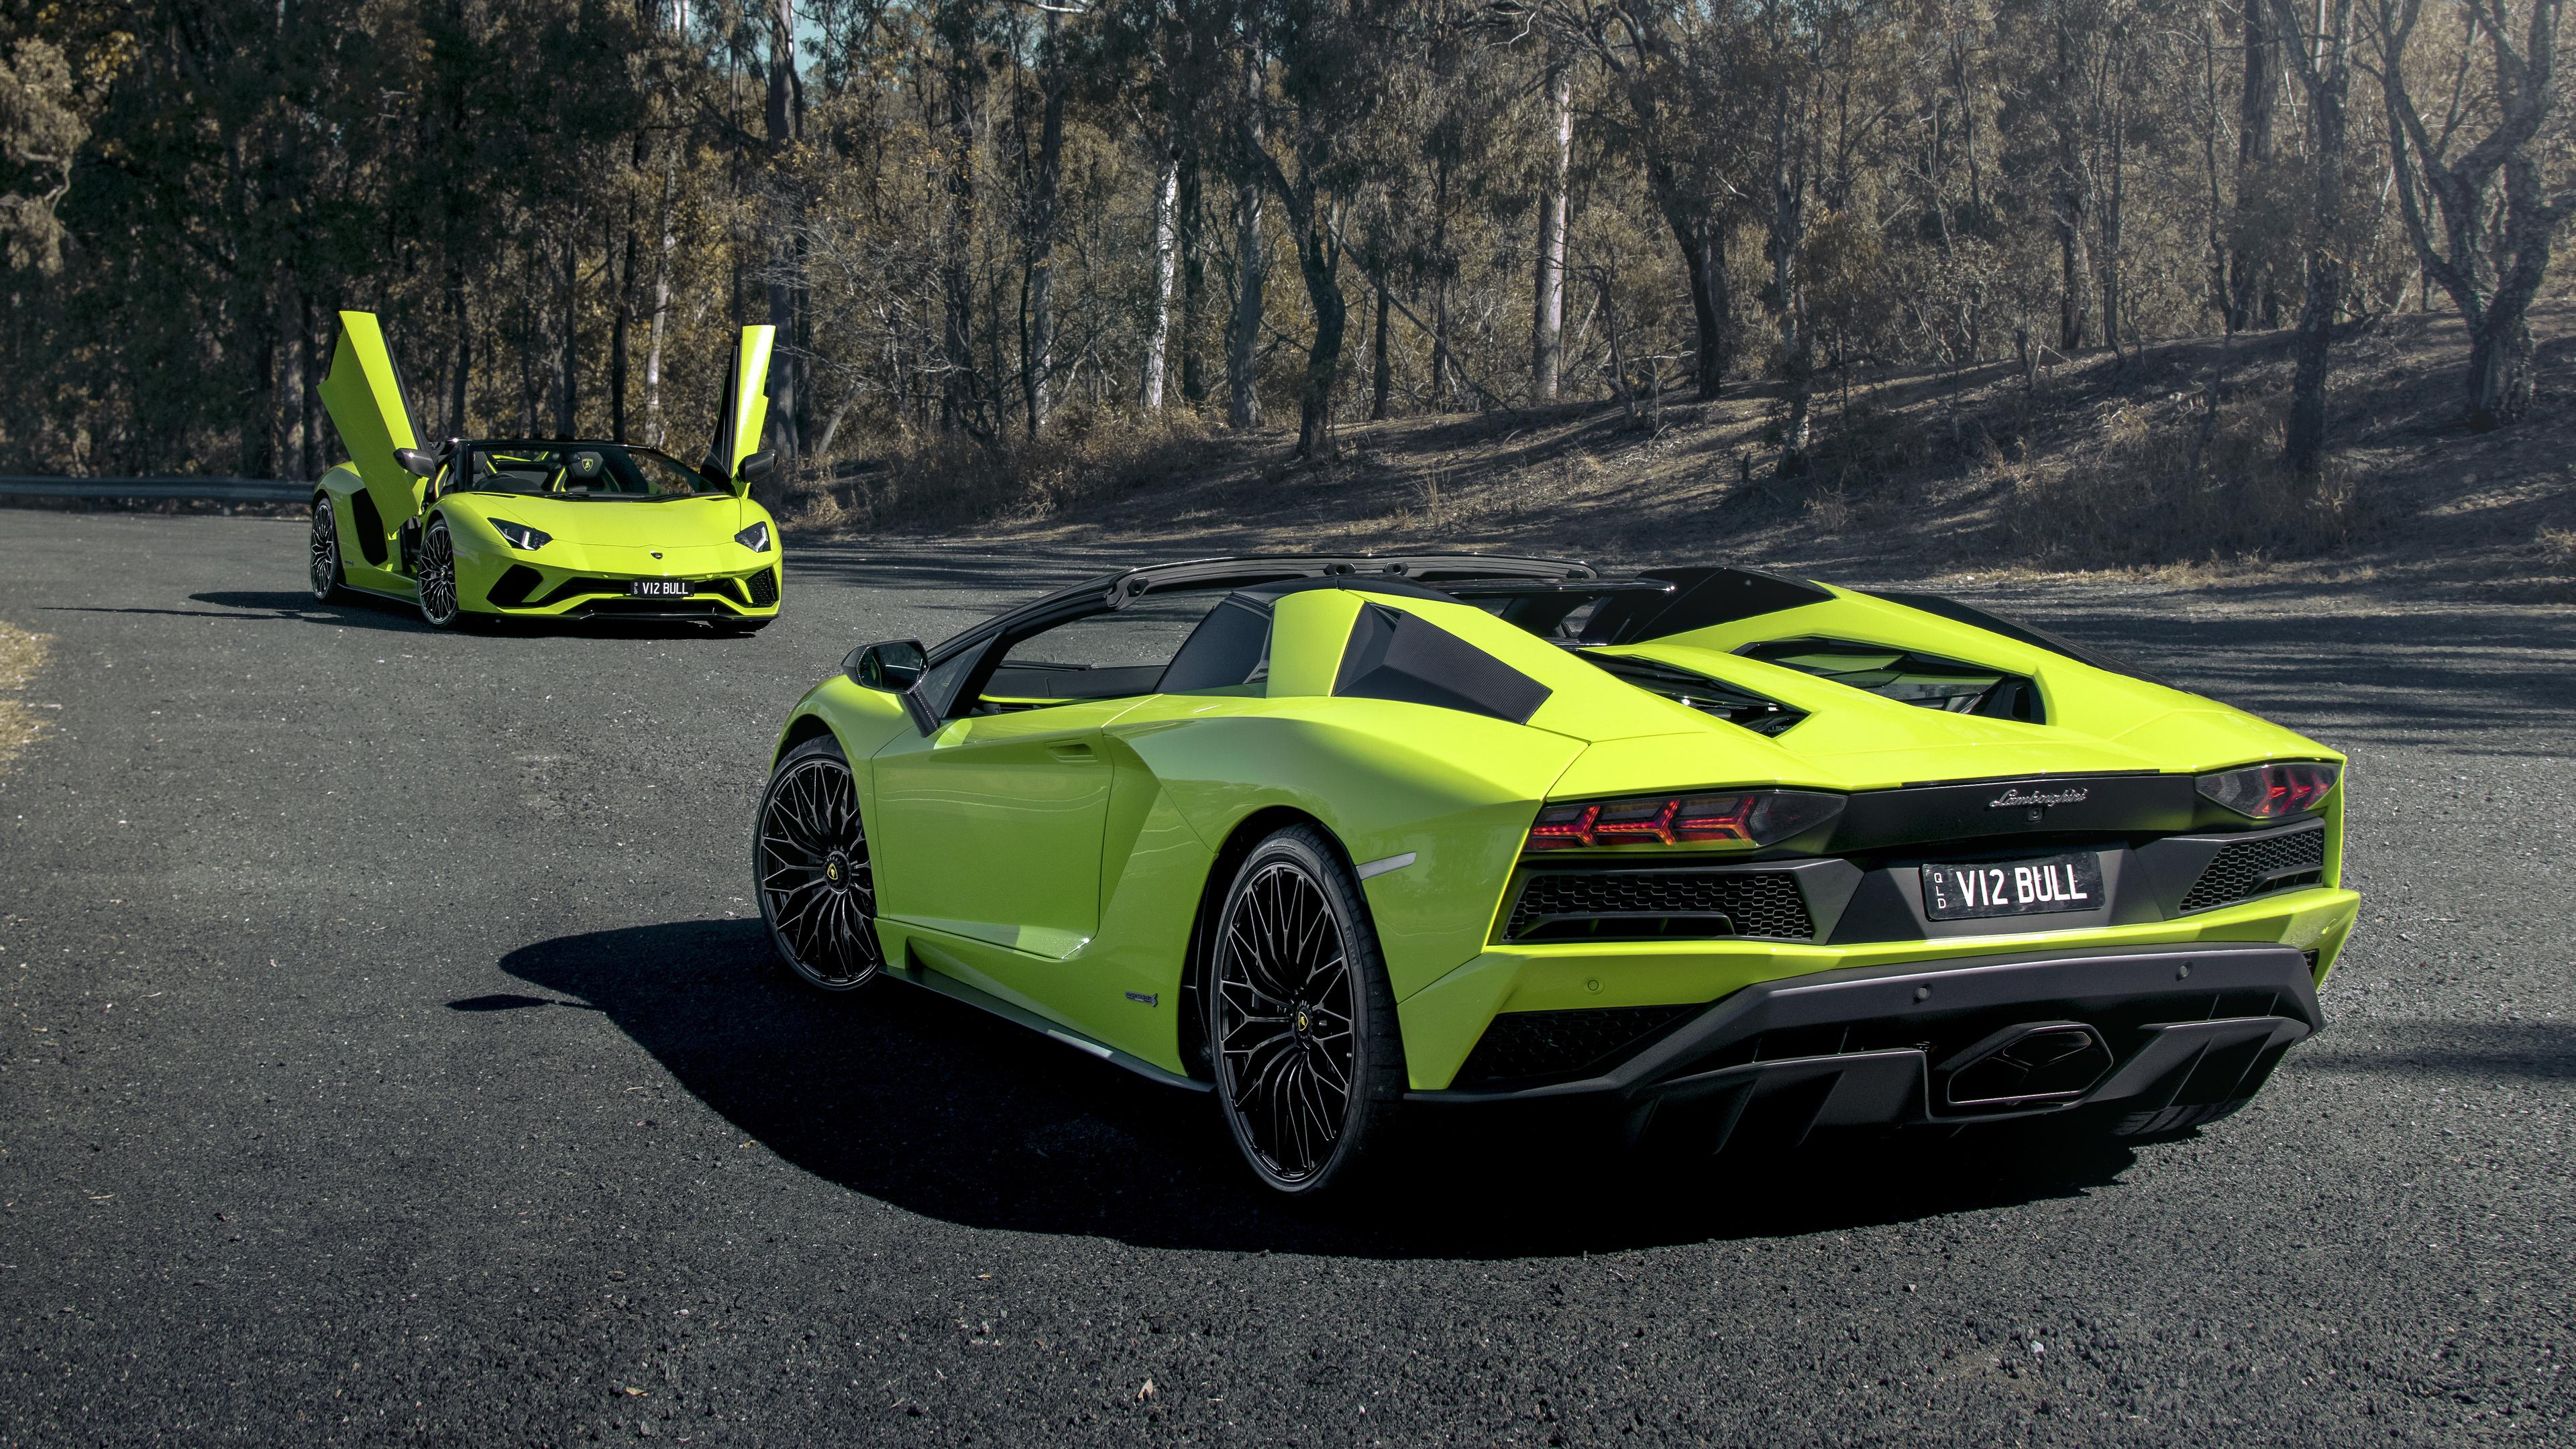 Wallpaper 4k 2018 Lamborghini Aventador S Roadster 4k